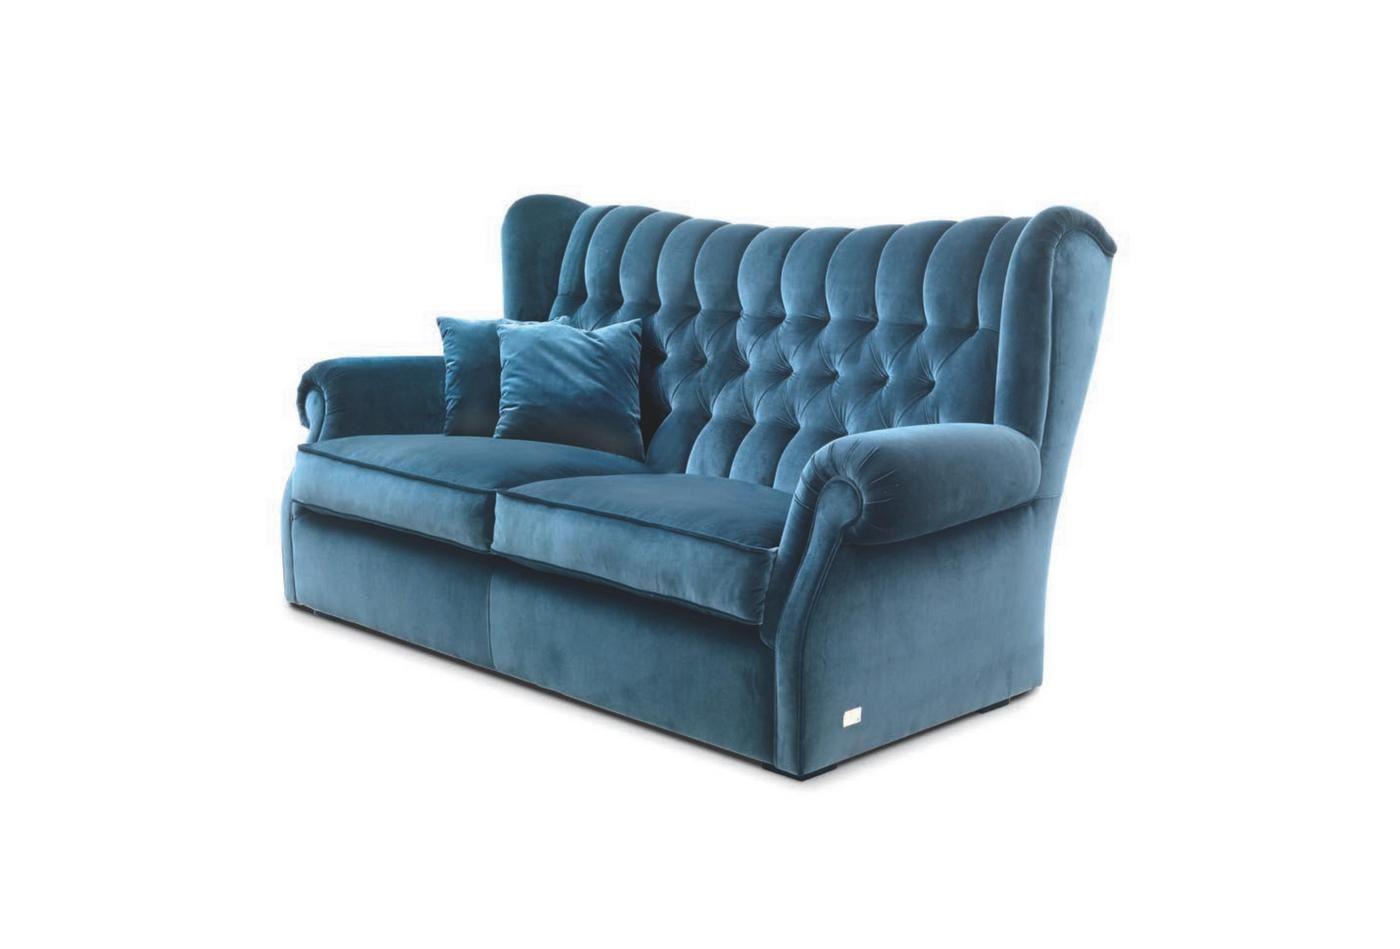 Фото дивана с выоской спинкой